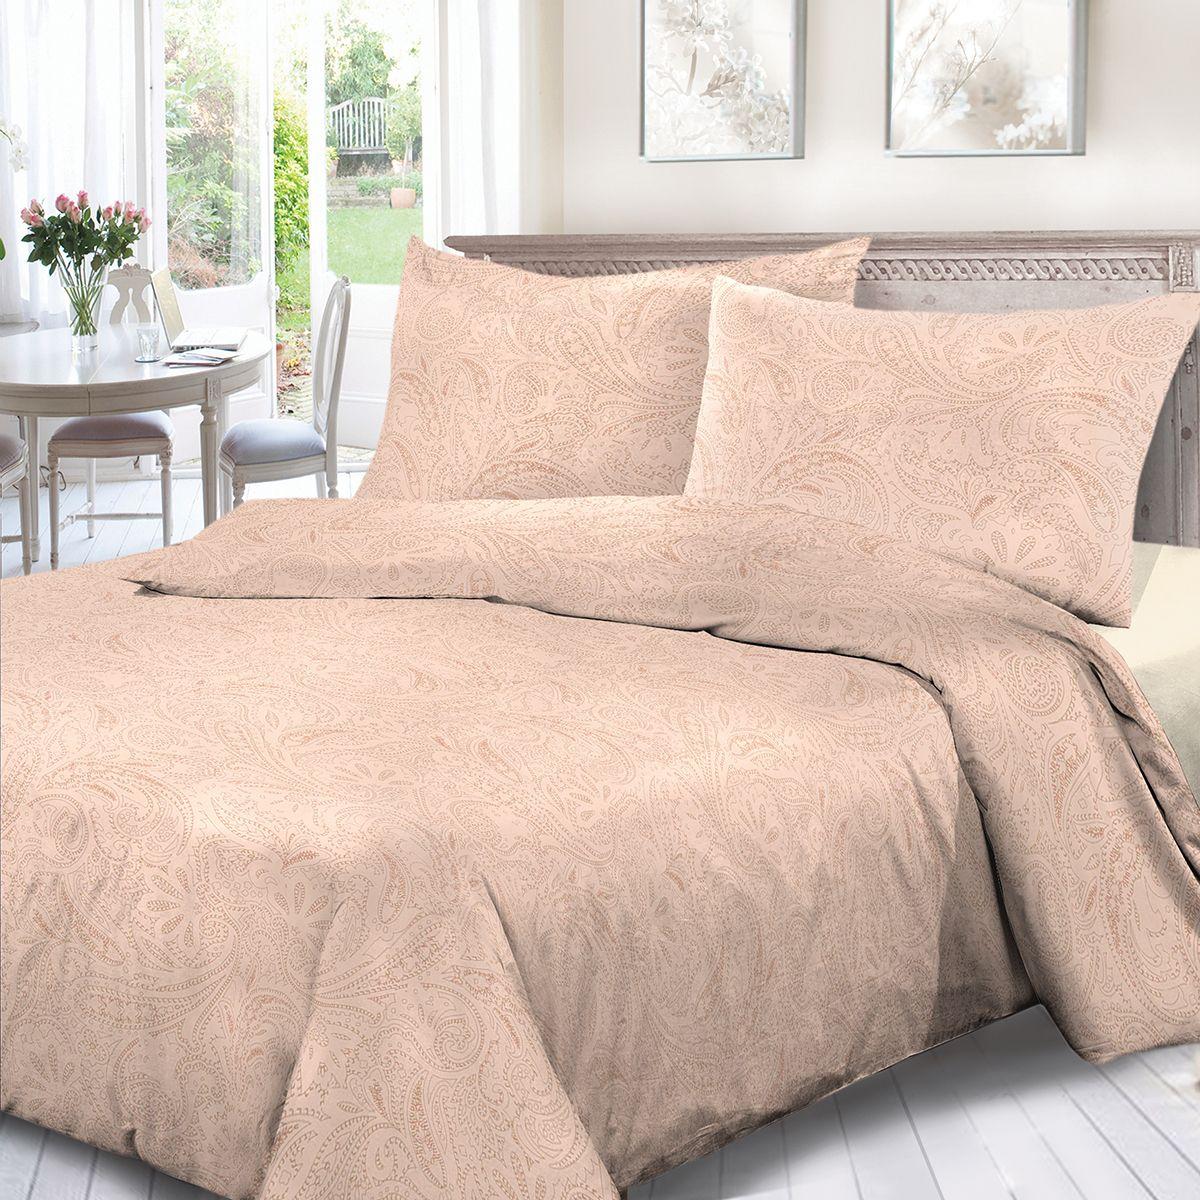 Комплект белья Сорренто Ариэль, 1,5 спальное, наволочки 70x70, цвет: бежевый. 4114-289102